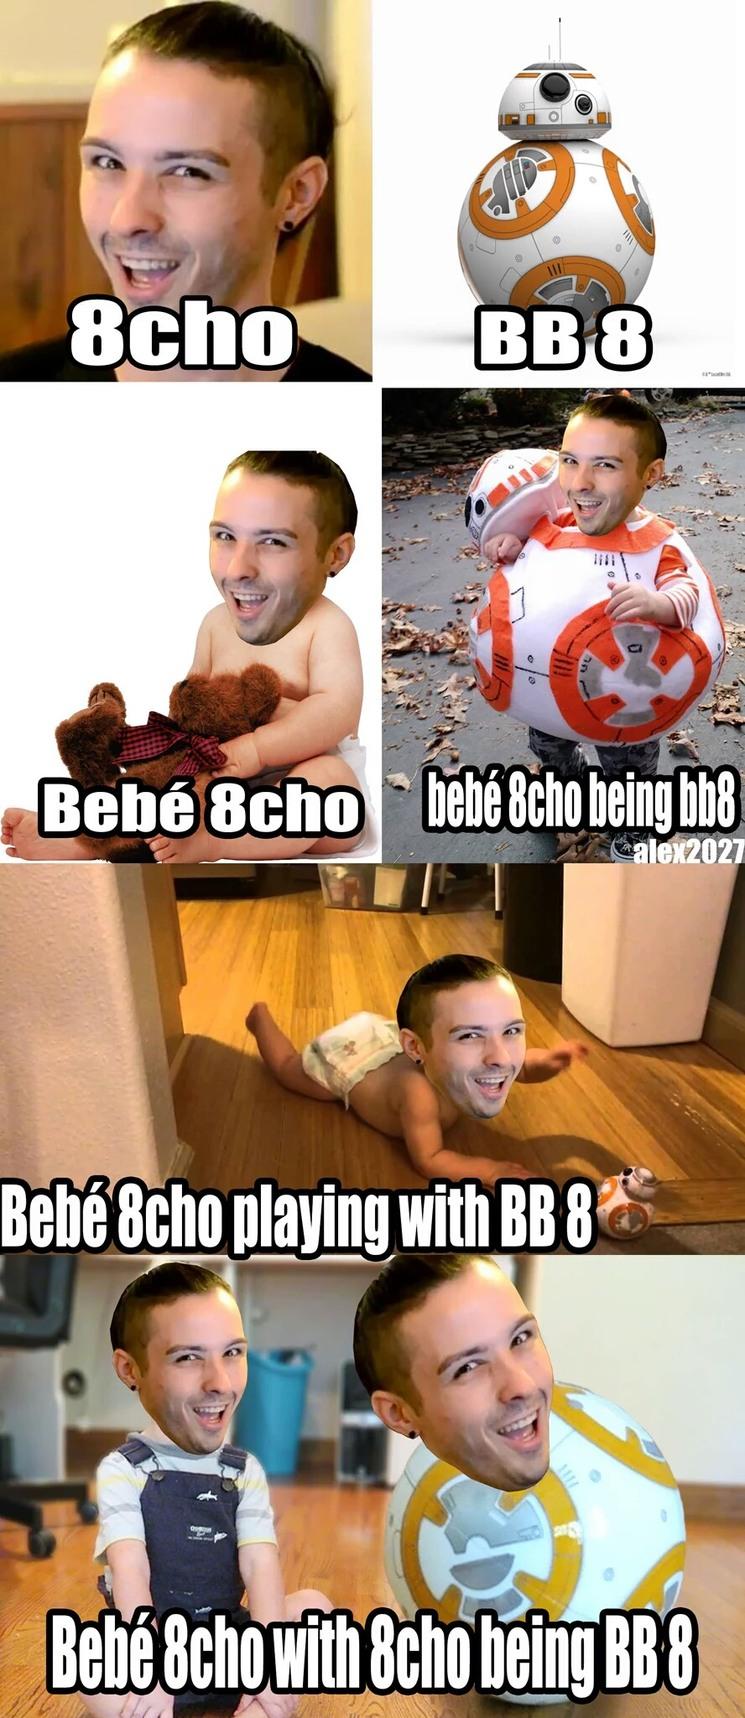 8cho - meme